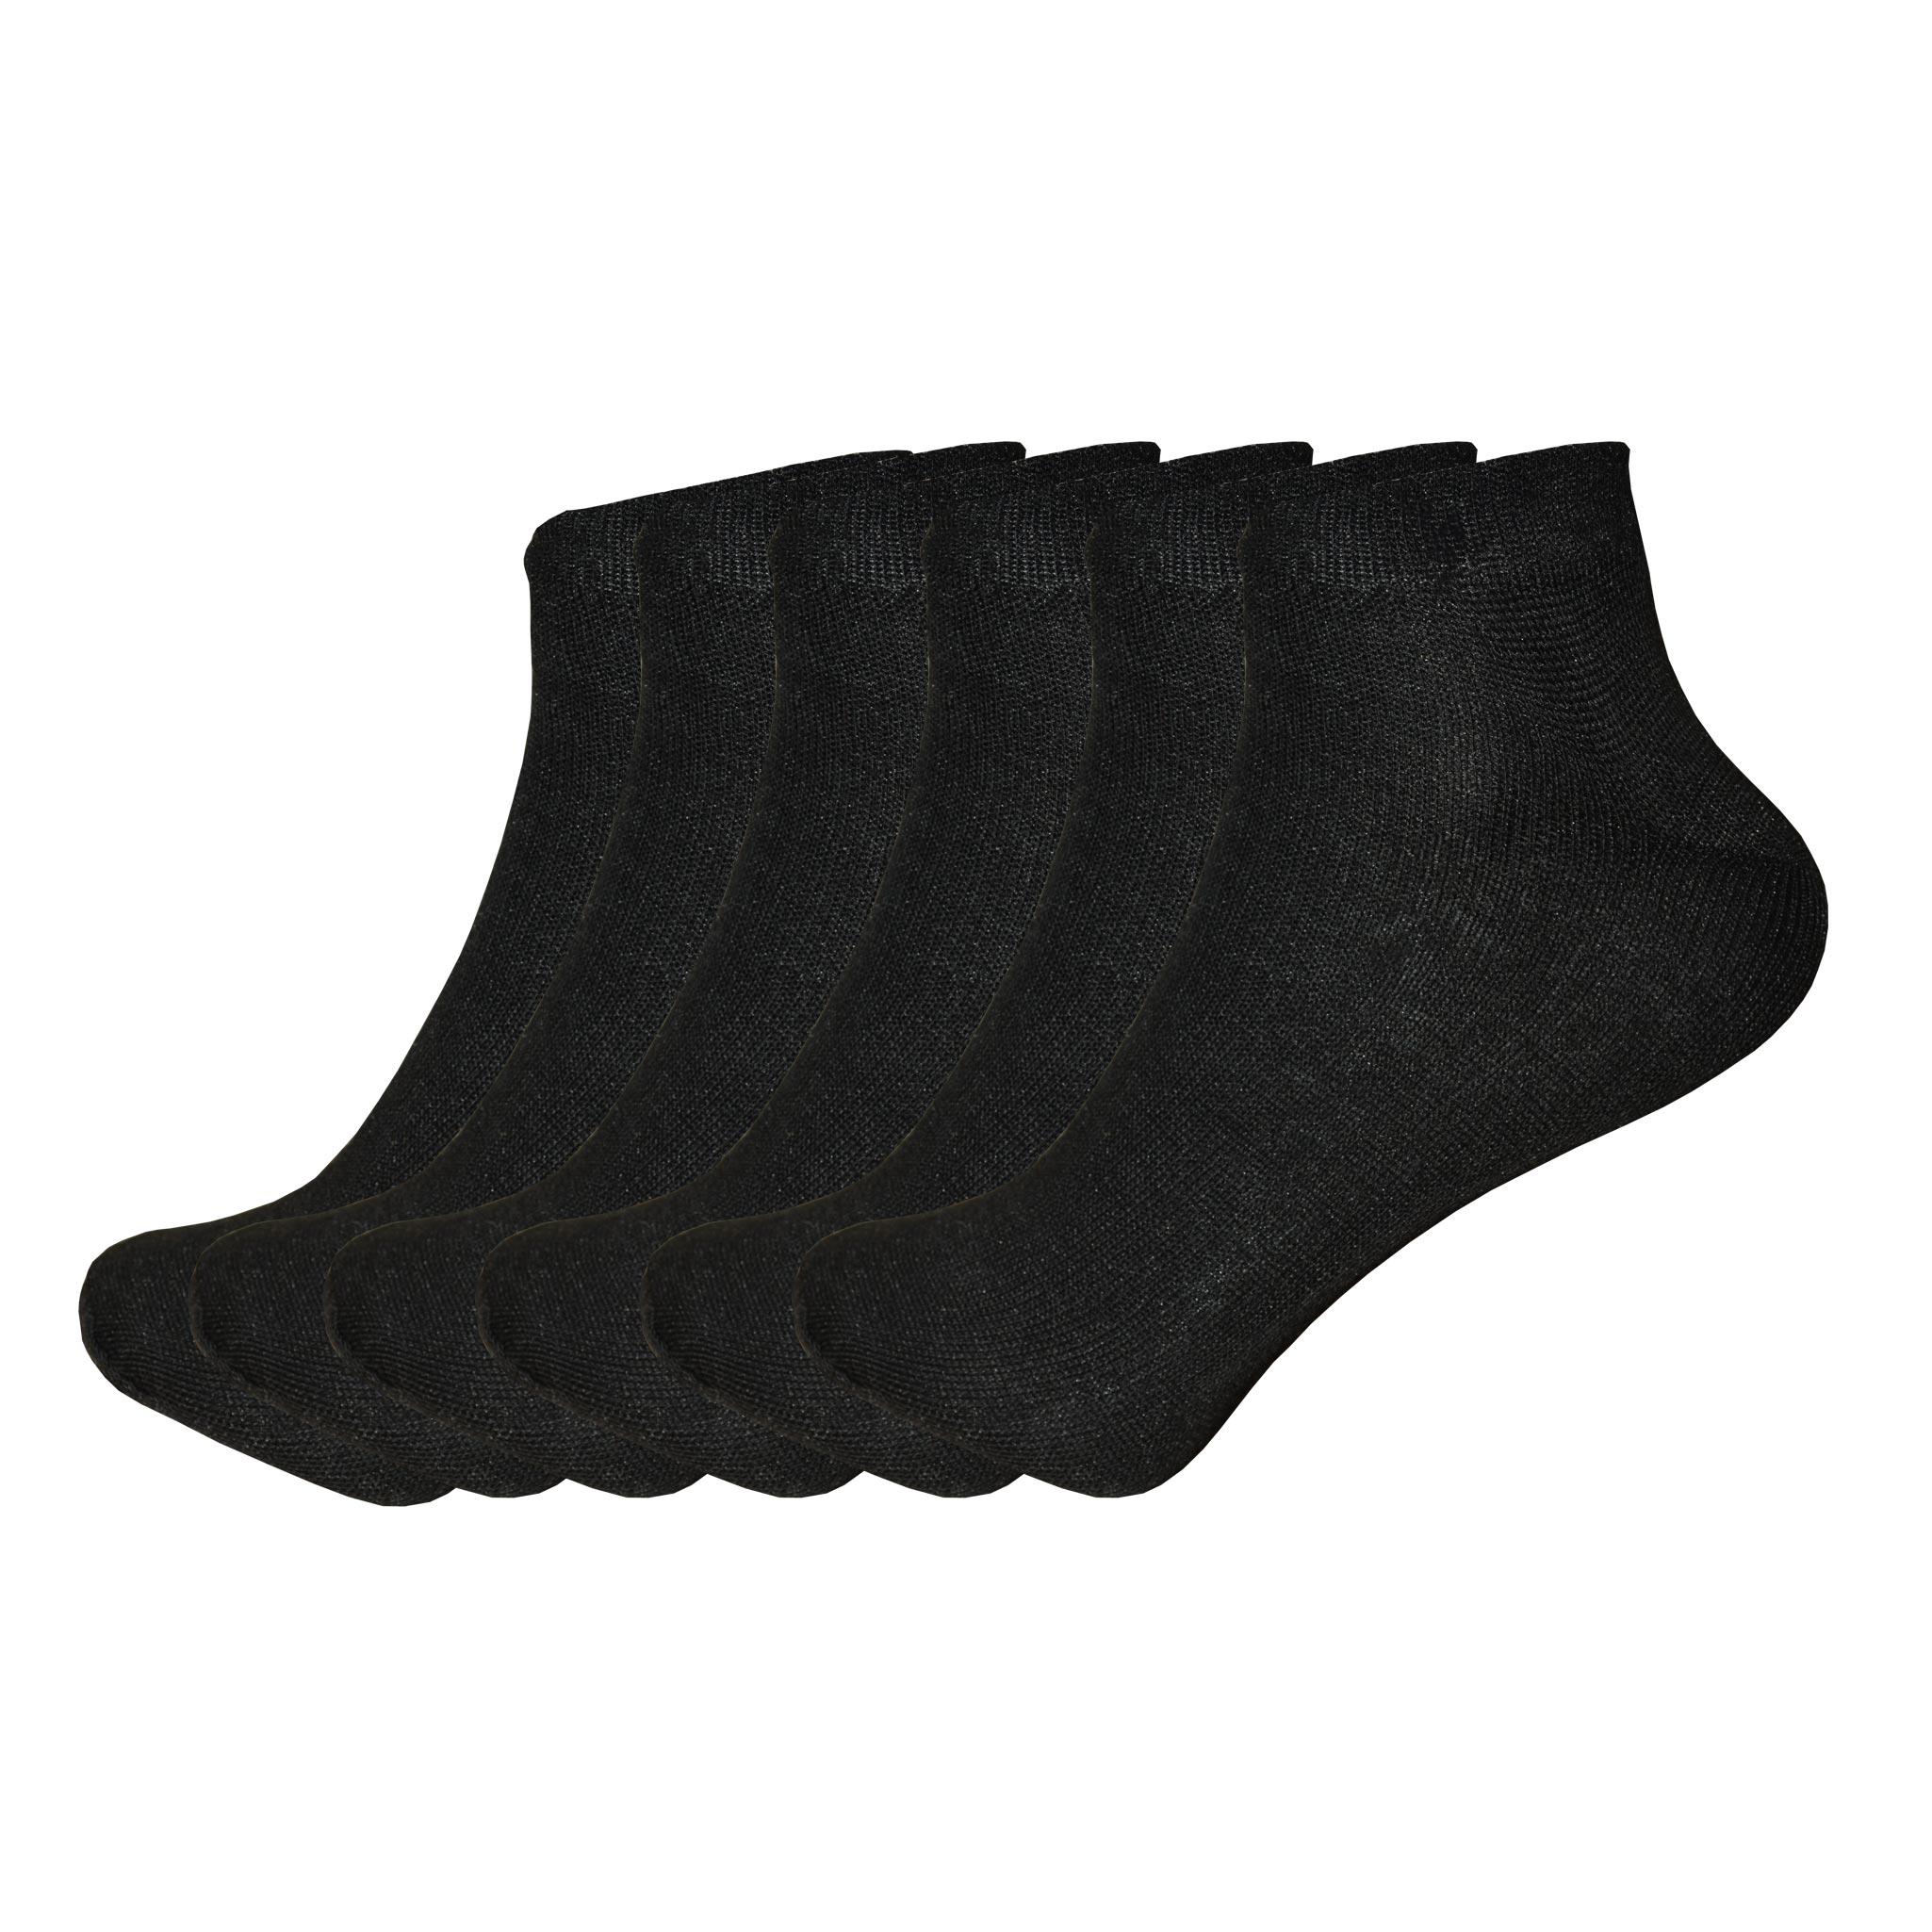 جوراب مردانه پرشیکا کد 33 بسته 6 عددی